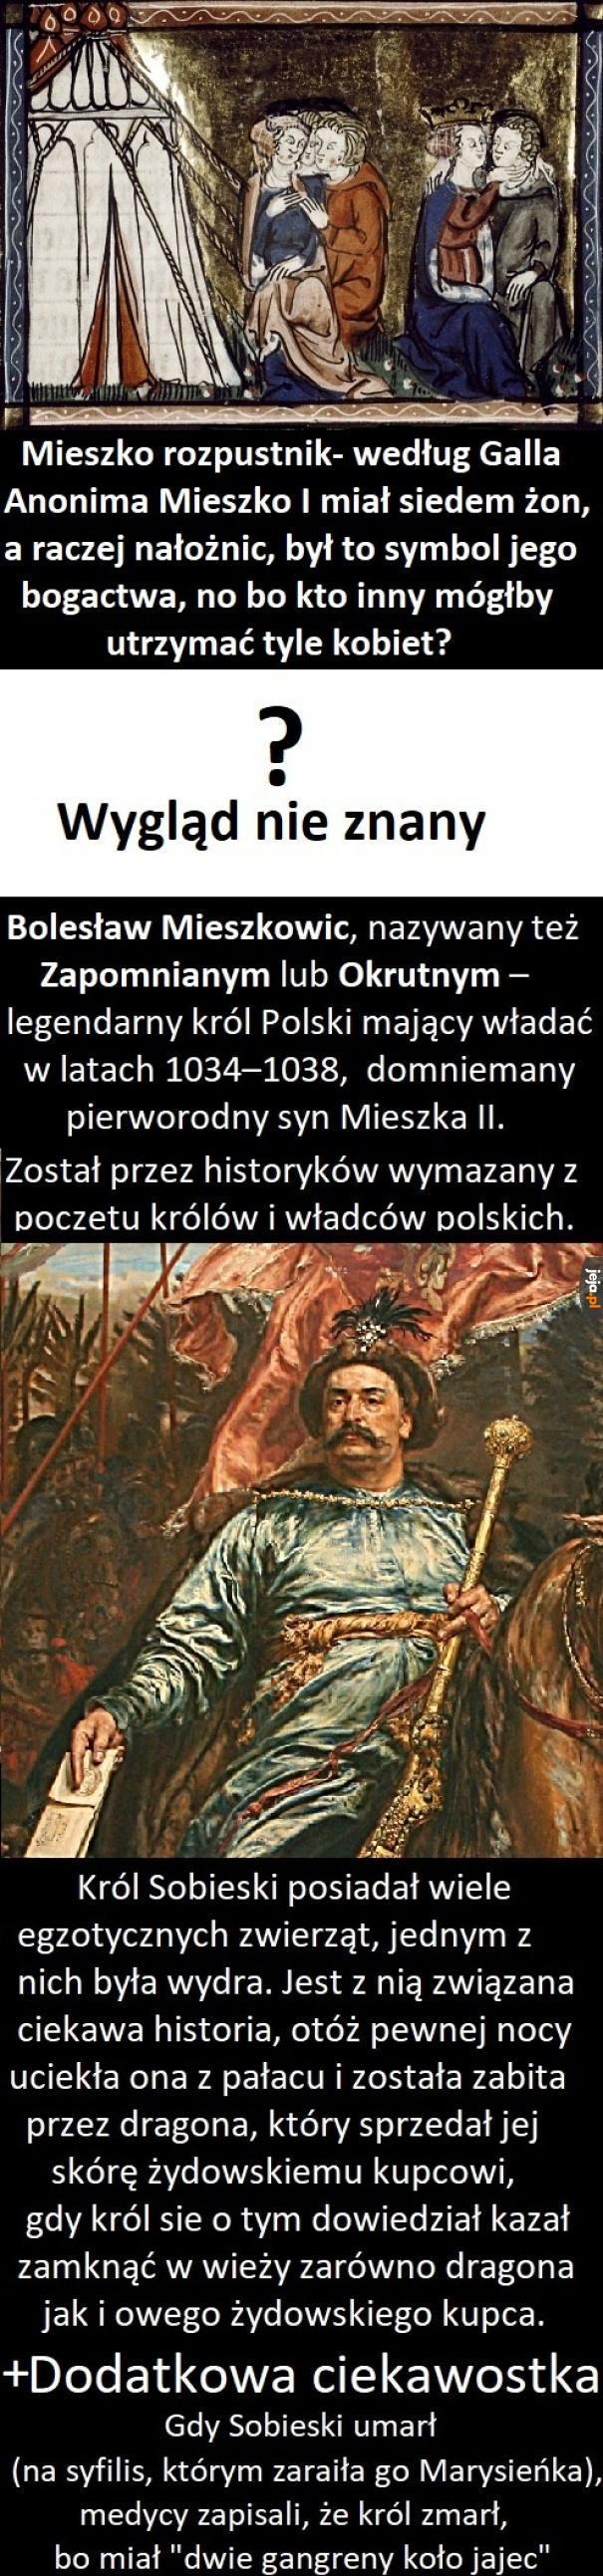 Ciekawostki o władcach i królach Polskich